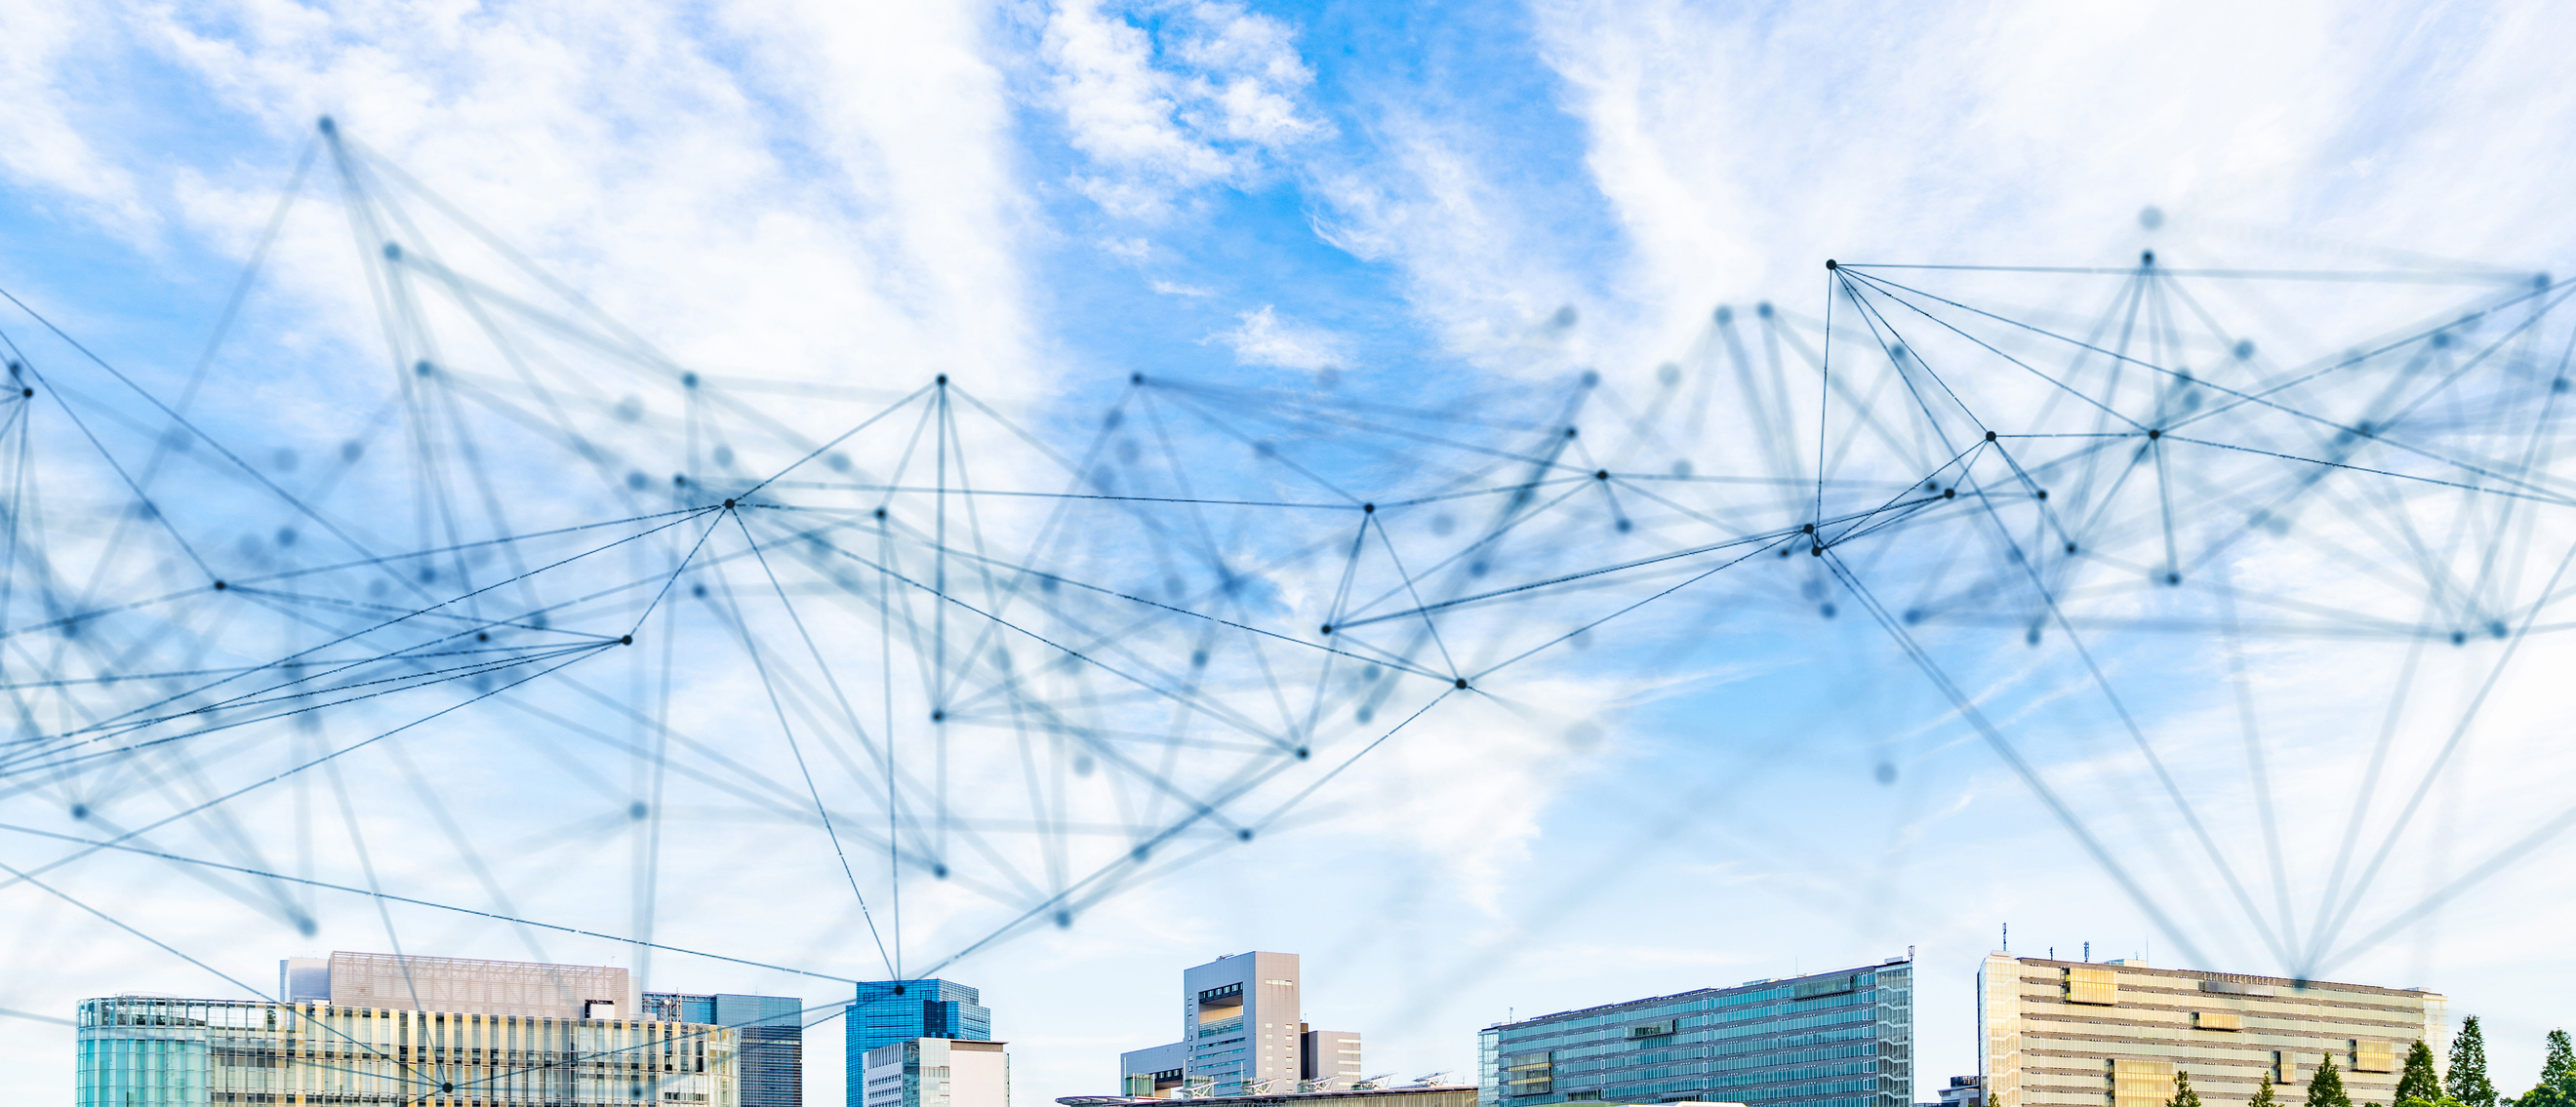 Analiza datelor esențială pentru infrastructurile critice